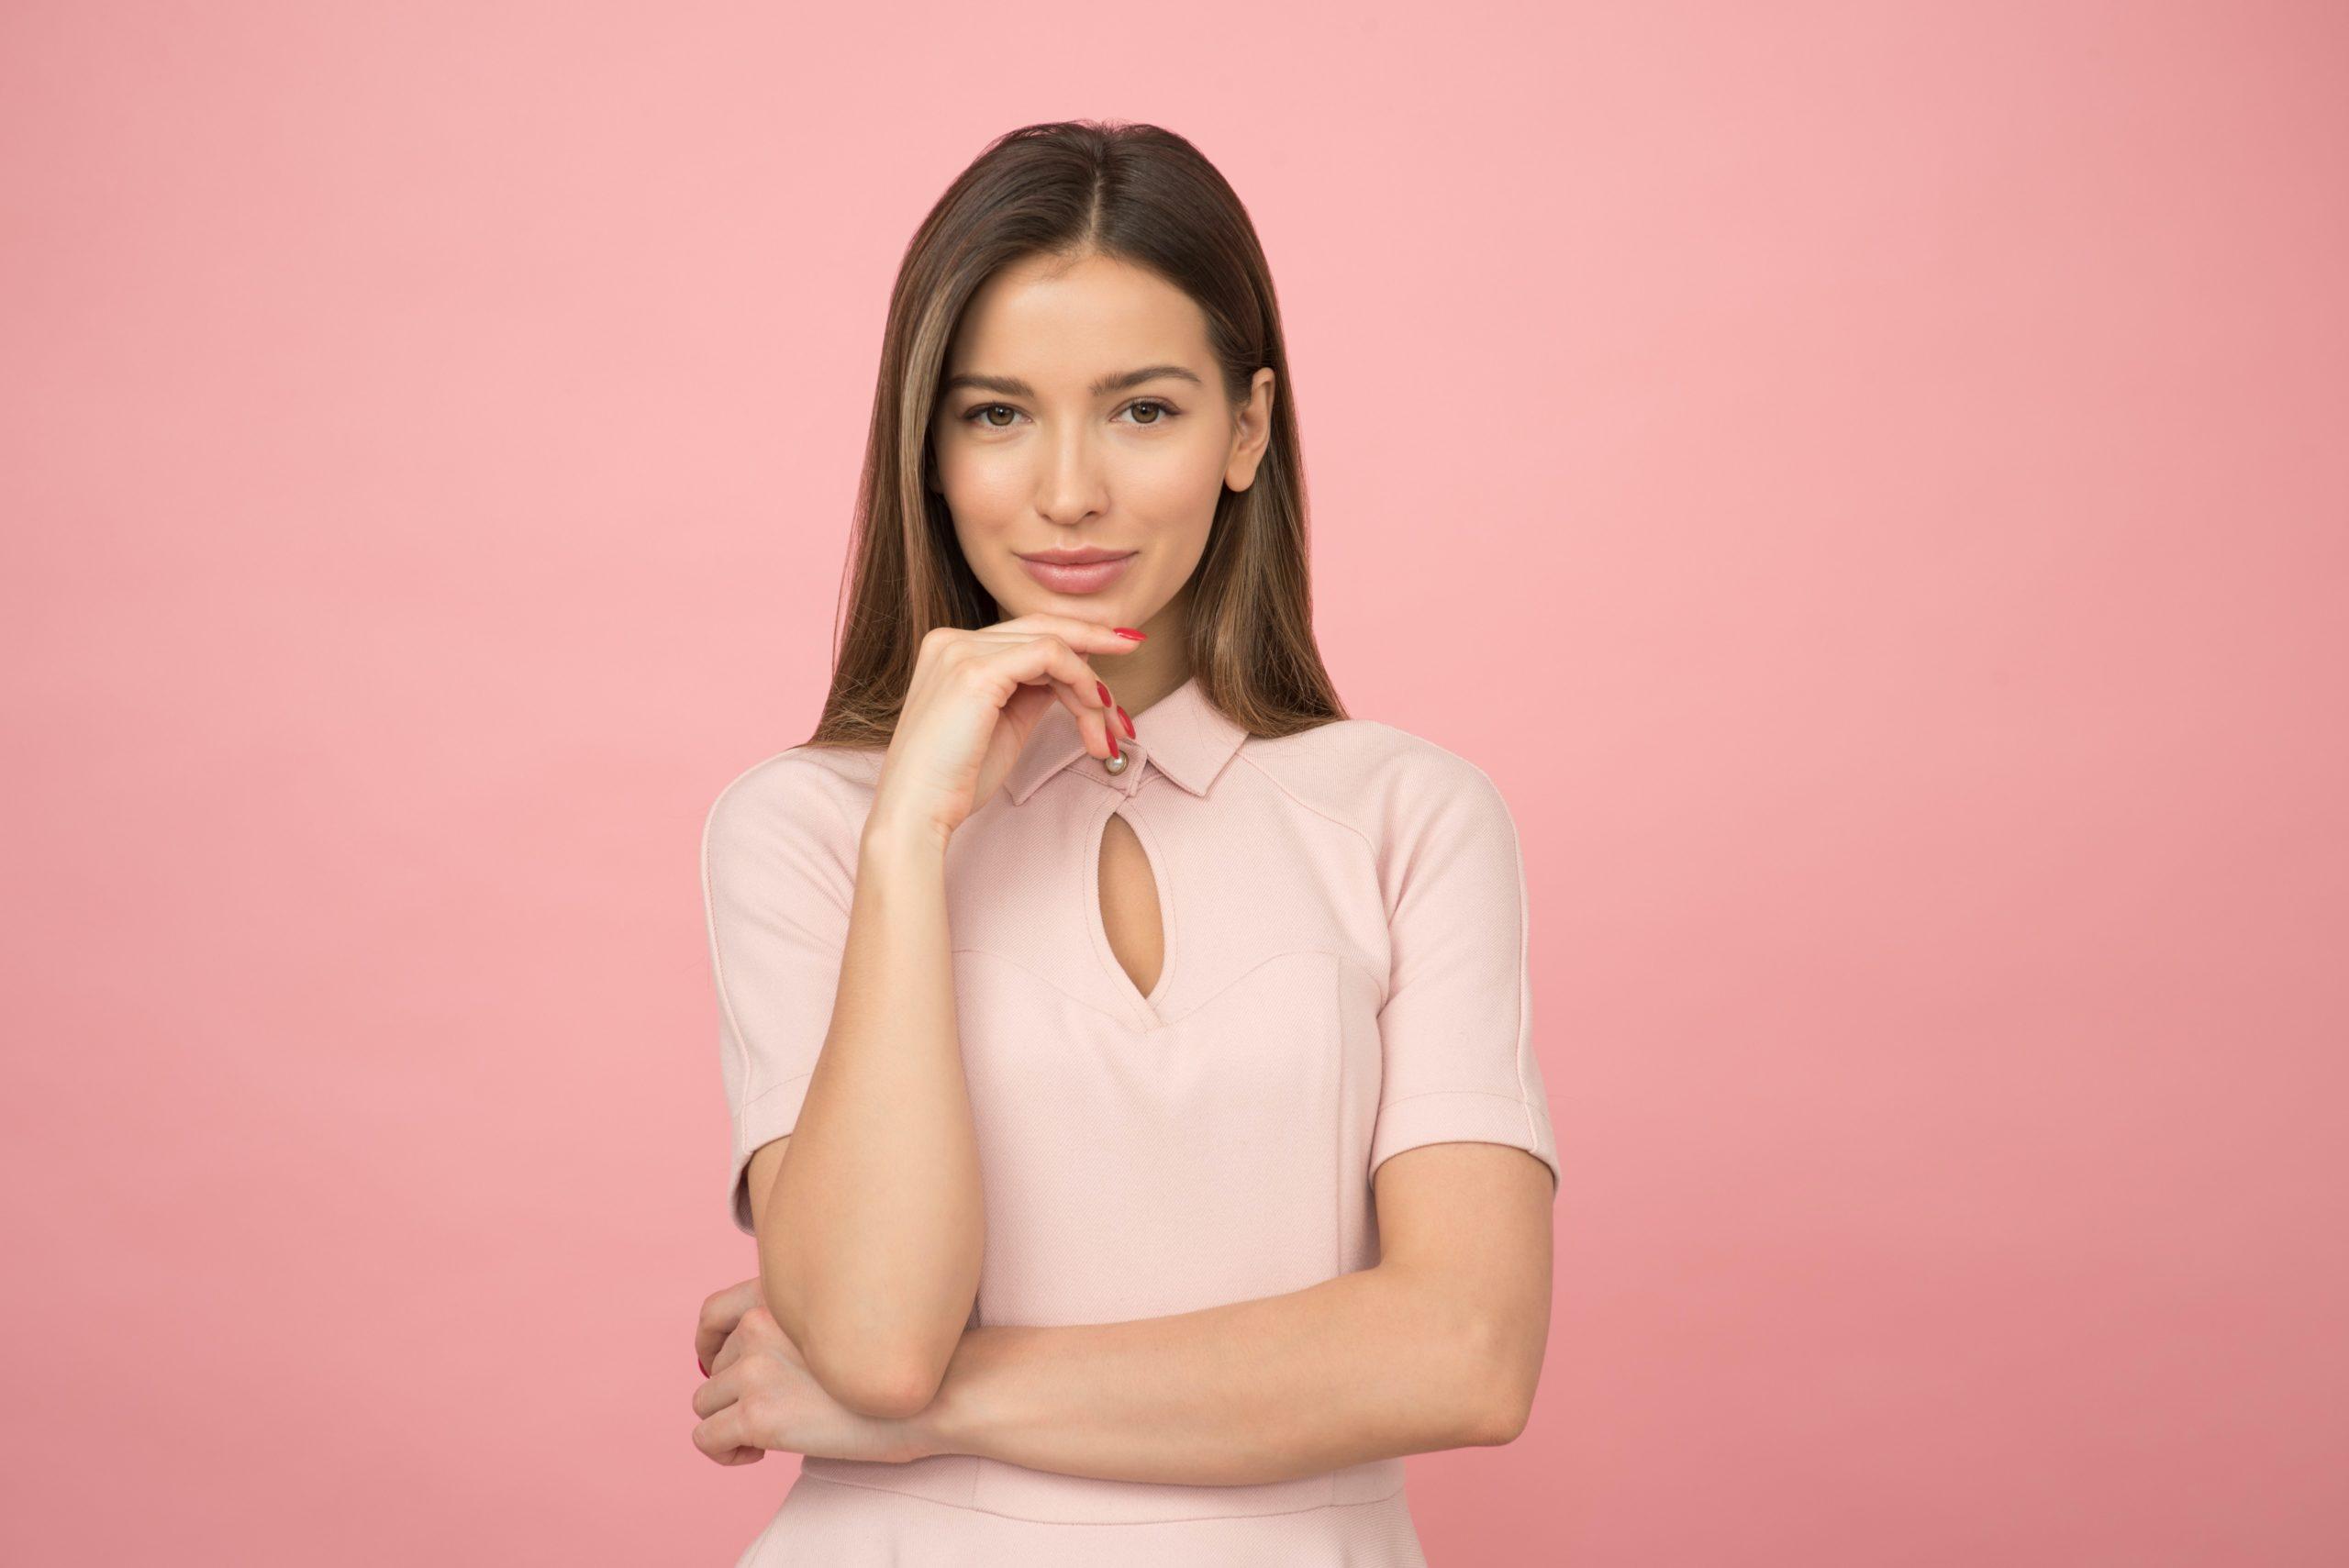 美人に向いてる仕事5選【水商売以外で30代以降も安定して稼ぐ方法】